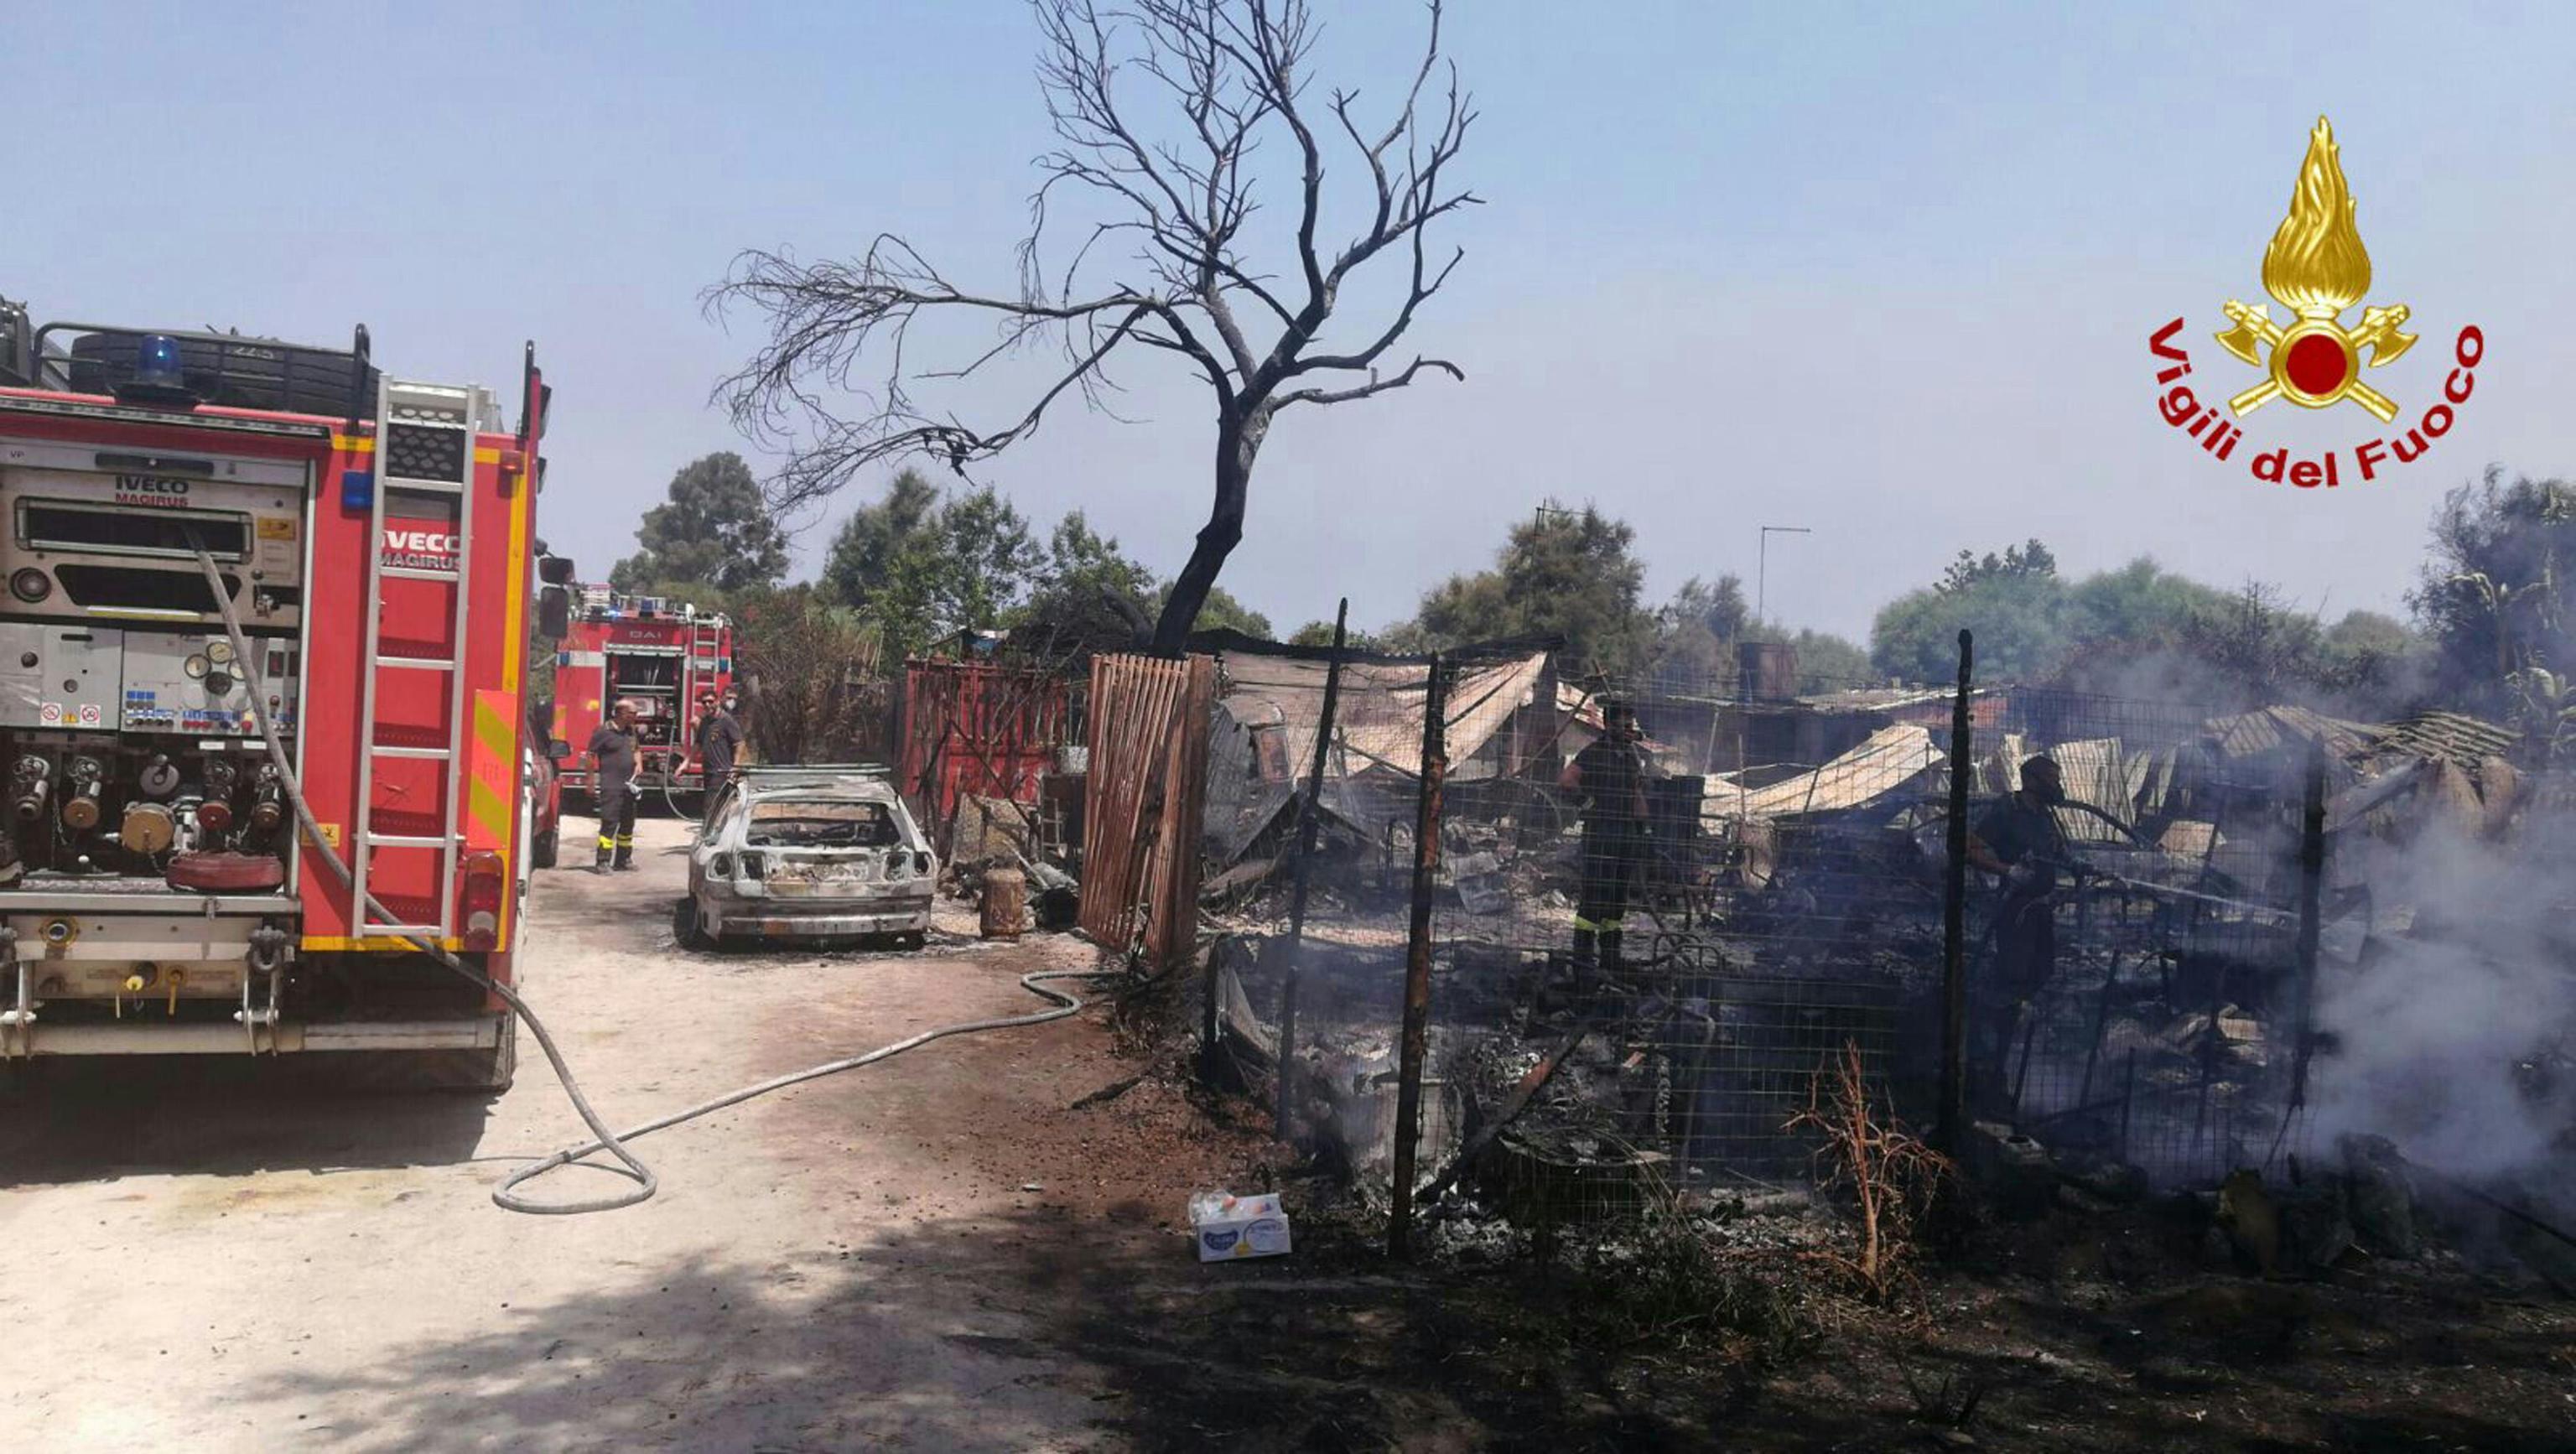 Emergenza incendi, vigili del fuoco al Governo: «Mancano uomini e mezzi»